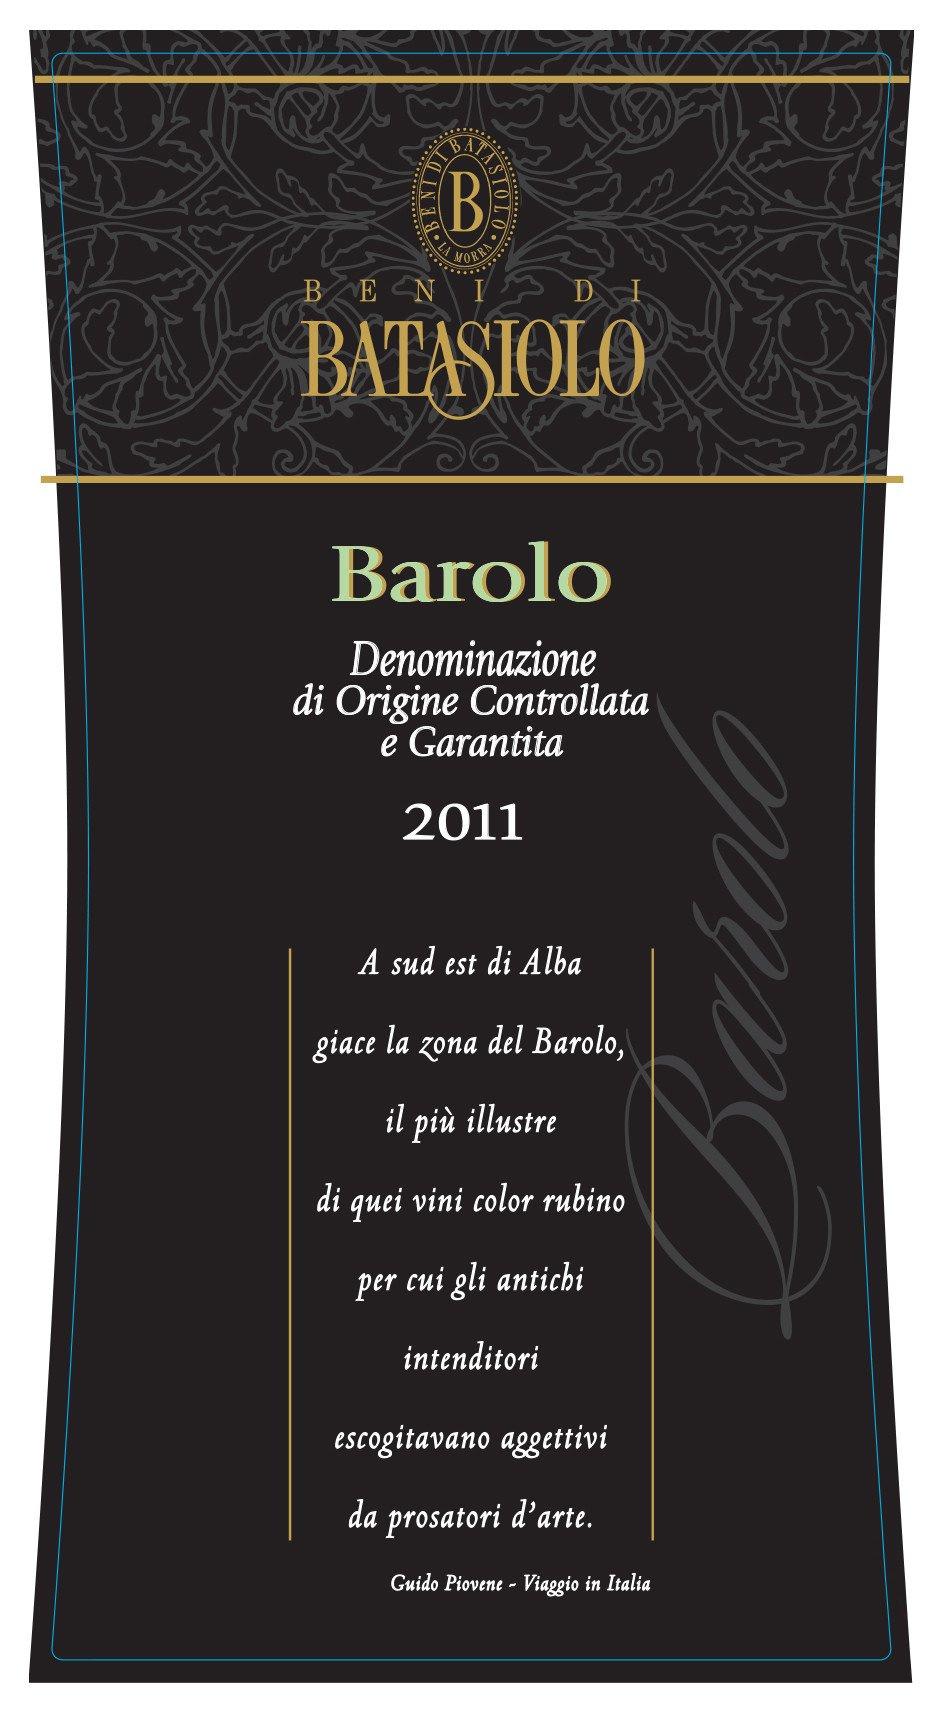 Batasiolo Barolo 2011 - last 4 bottles!